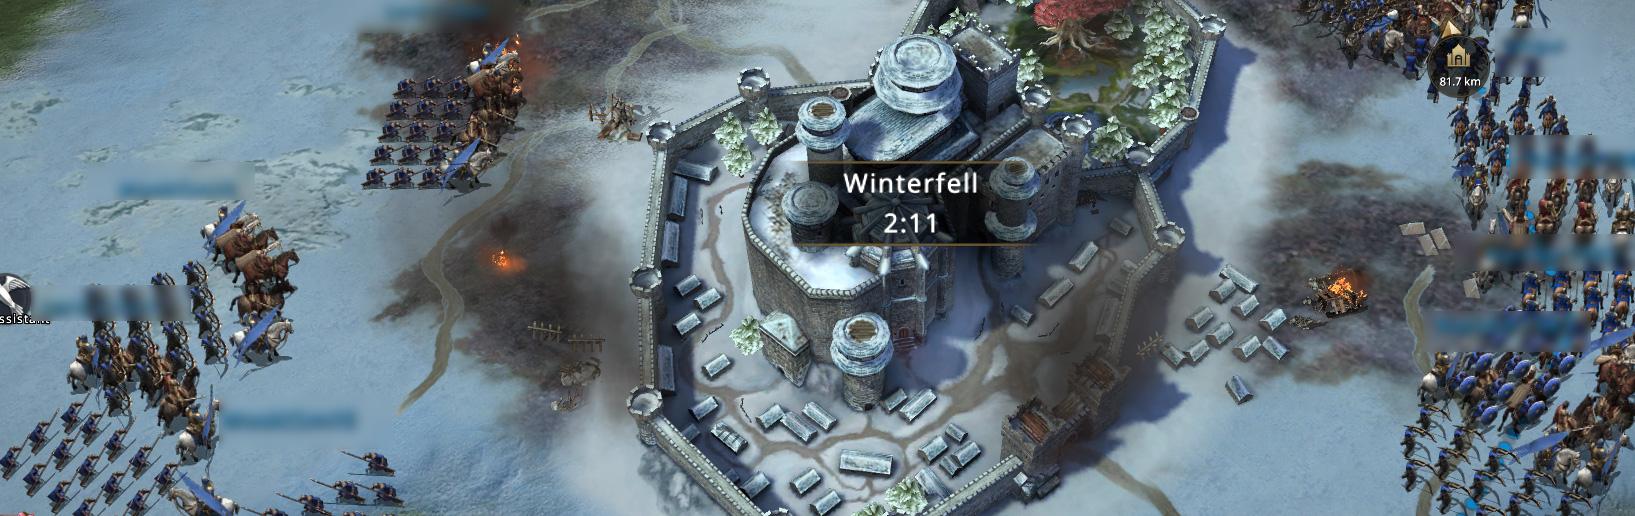 Armée autour de Winterfell